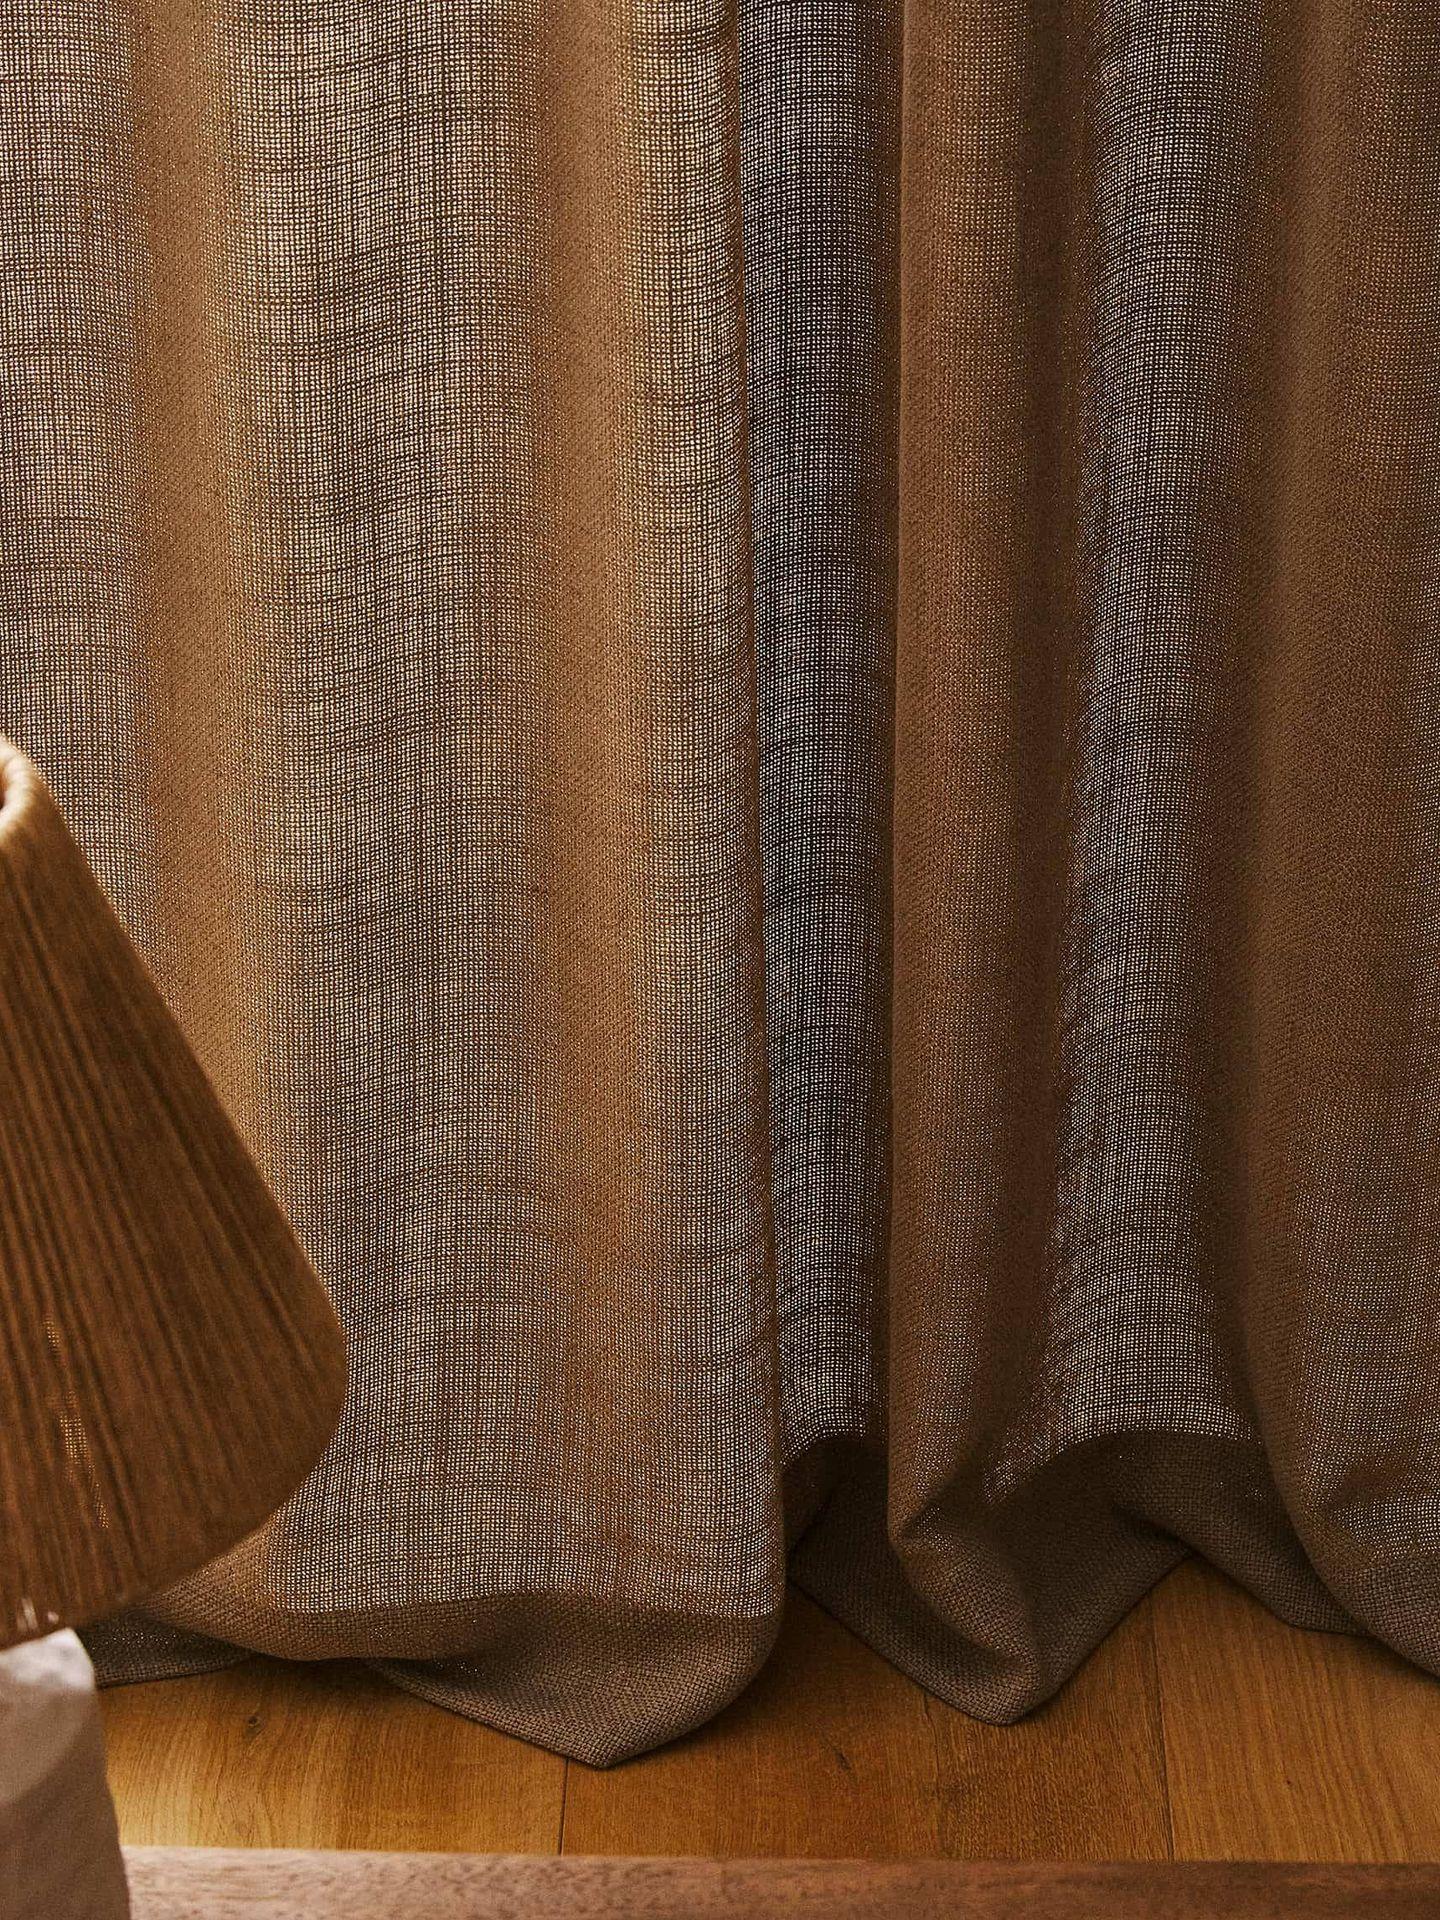 Cortinas de las rebajas de Zara Home. (Cortesía)